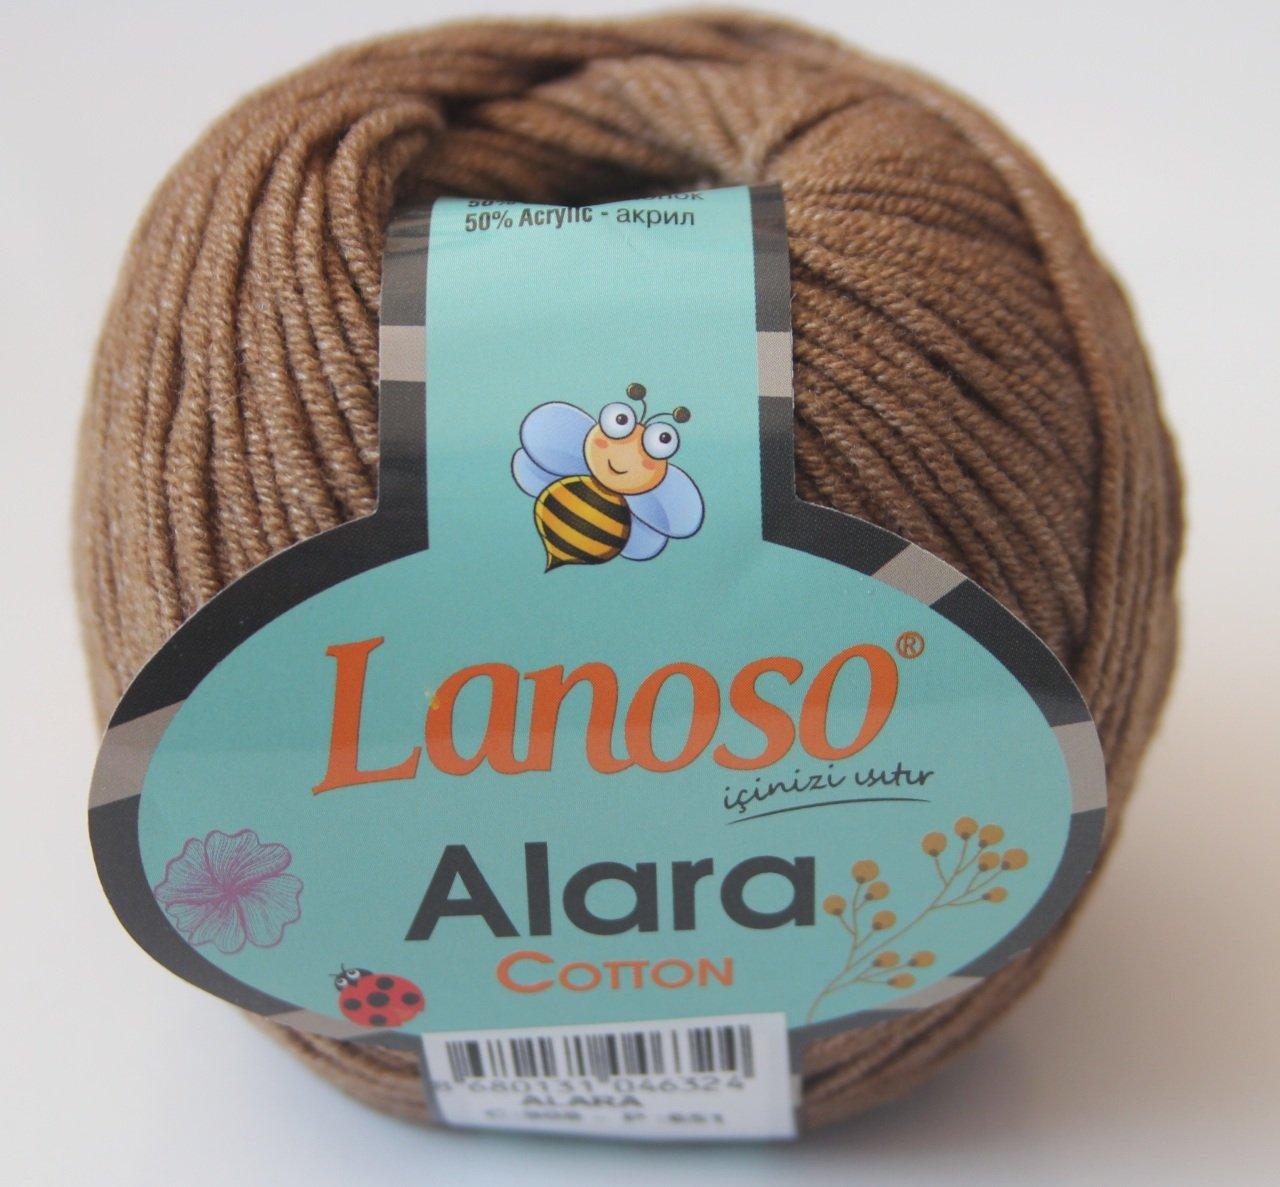 LANOSO ALARA - EL ÖRGÜ İPLİKLERİ - Zeynonun Dükkanı | 1187x1280